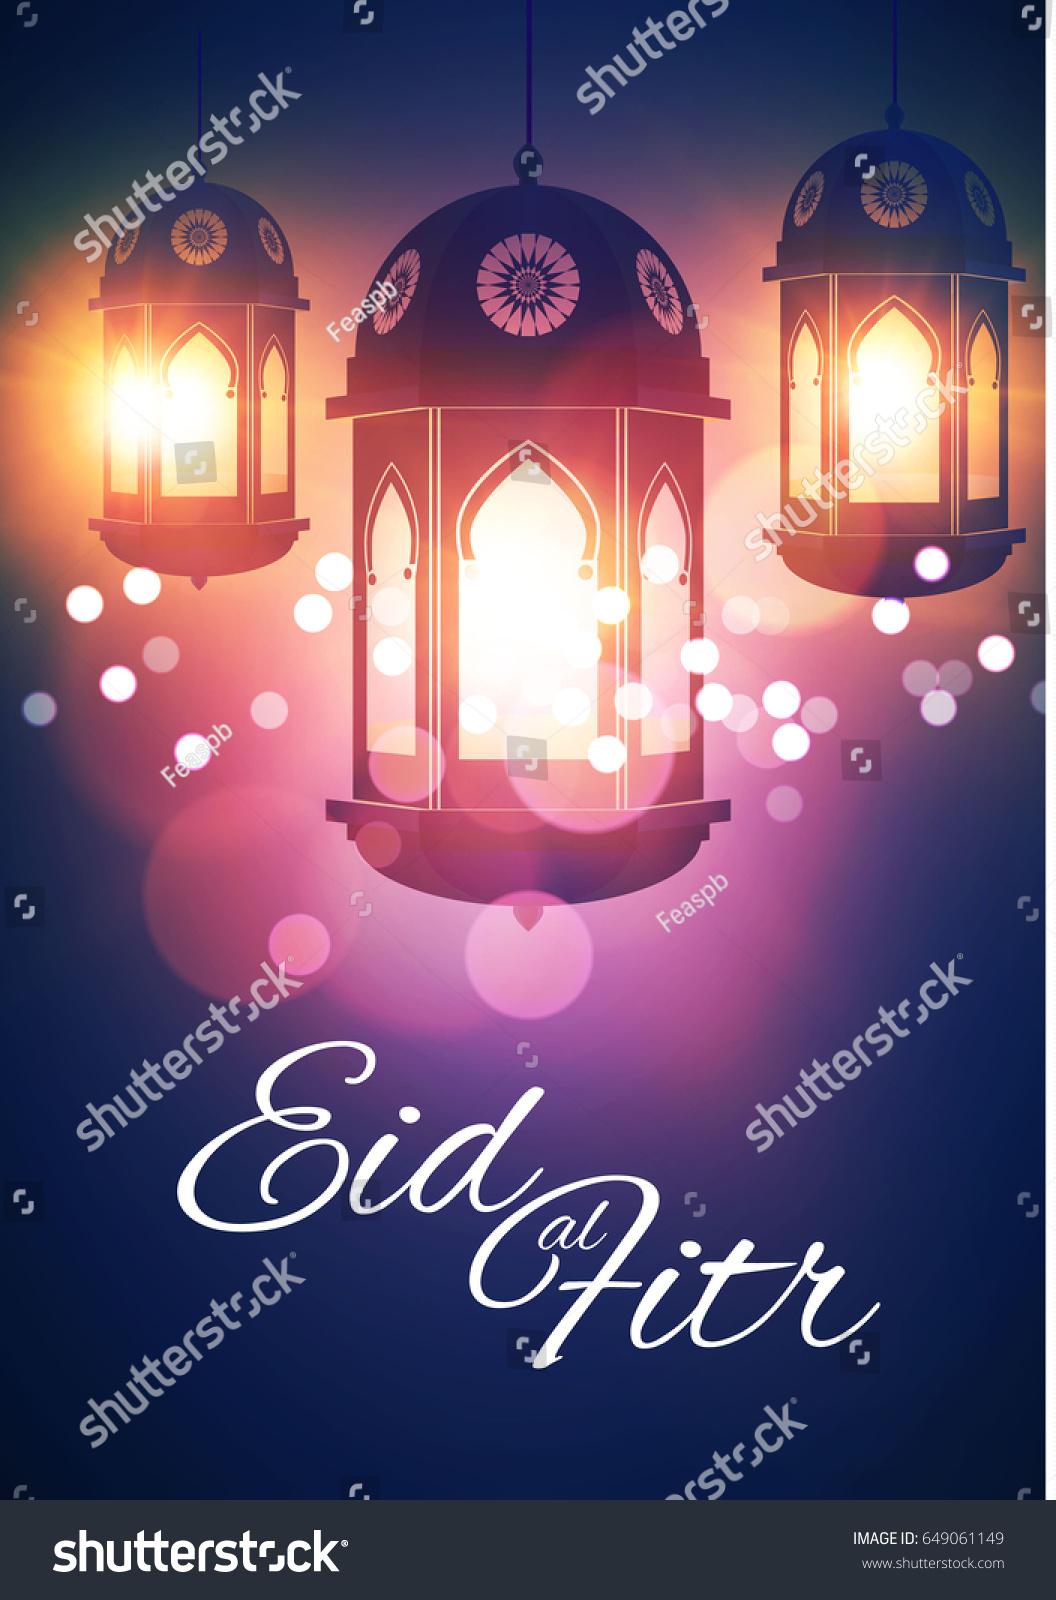 Best Eid Mubarak Eid Al-Fitr Feast - stock-vector-eid-al-fitr-islamic-holiday-muslim-feast-eid-mubarak-ramadan-kareem-eid-said-shining-lanterns-649061149  Trends_1007736 .jpg